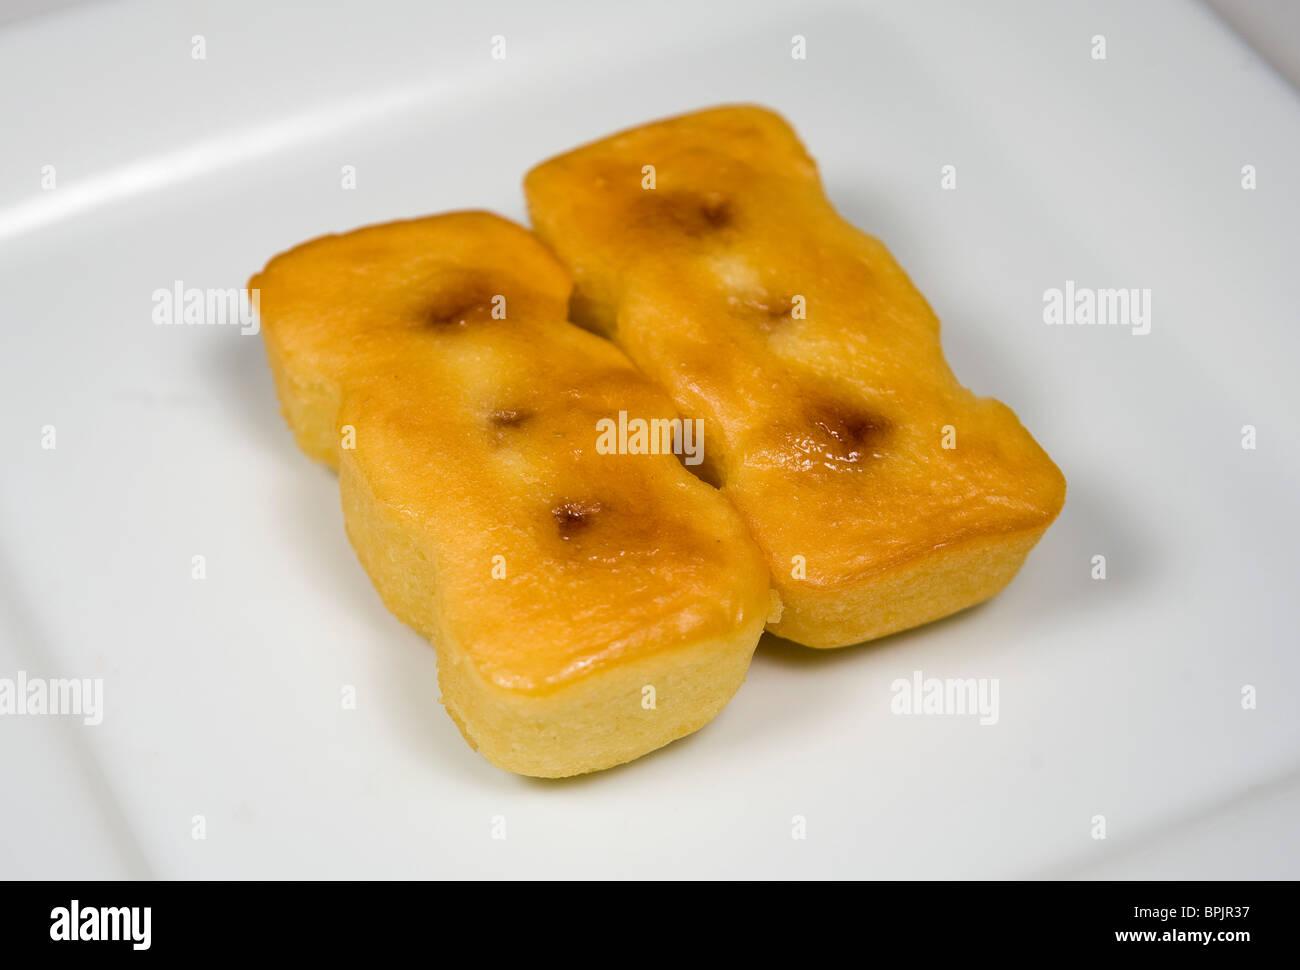 Tastykake Jelly Krimpets - Stock Image